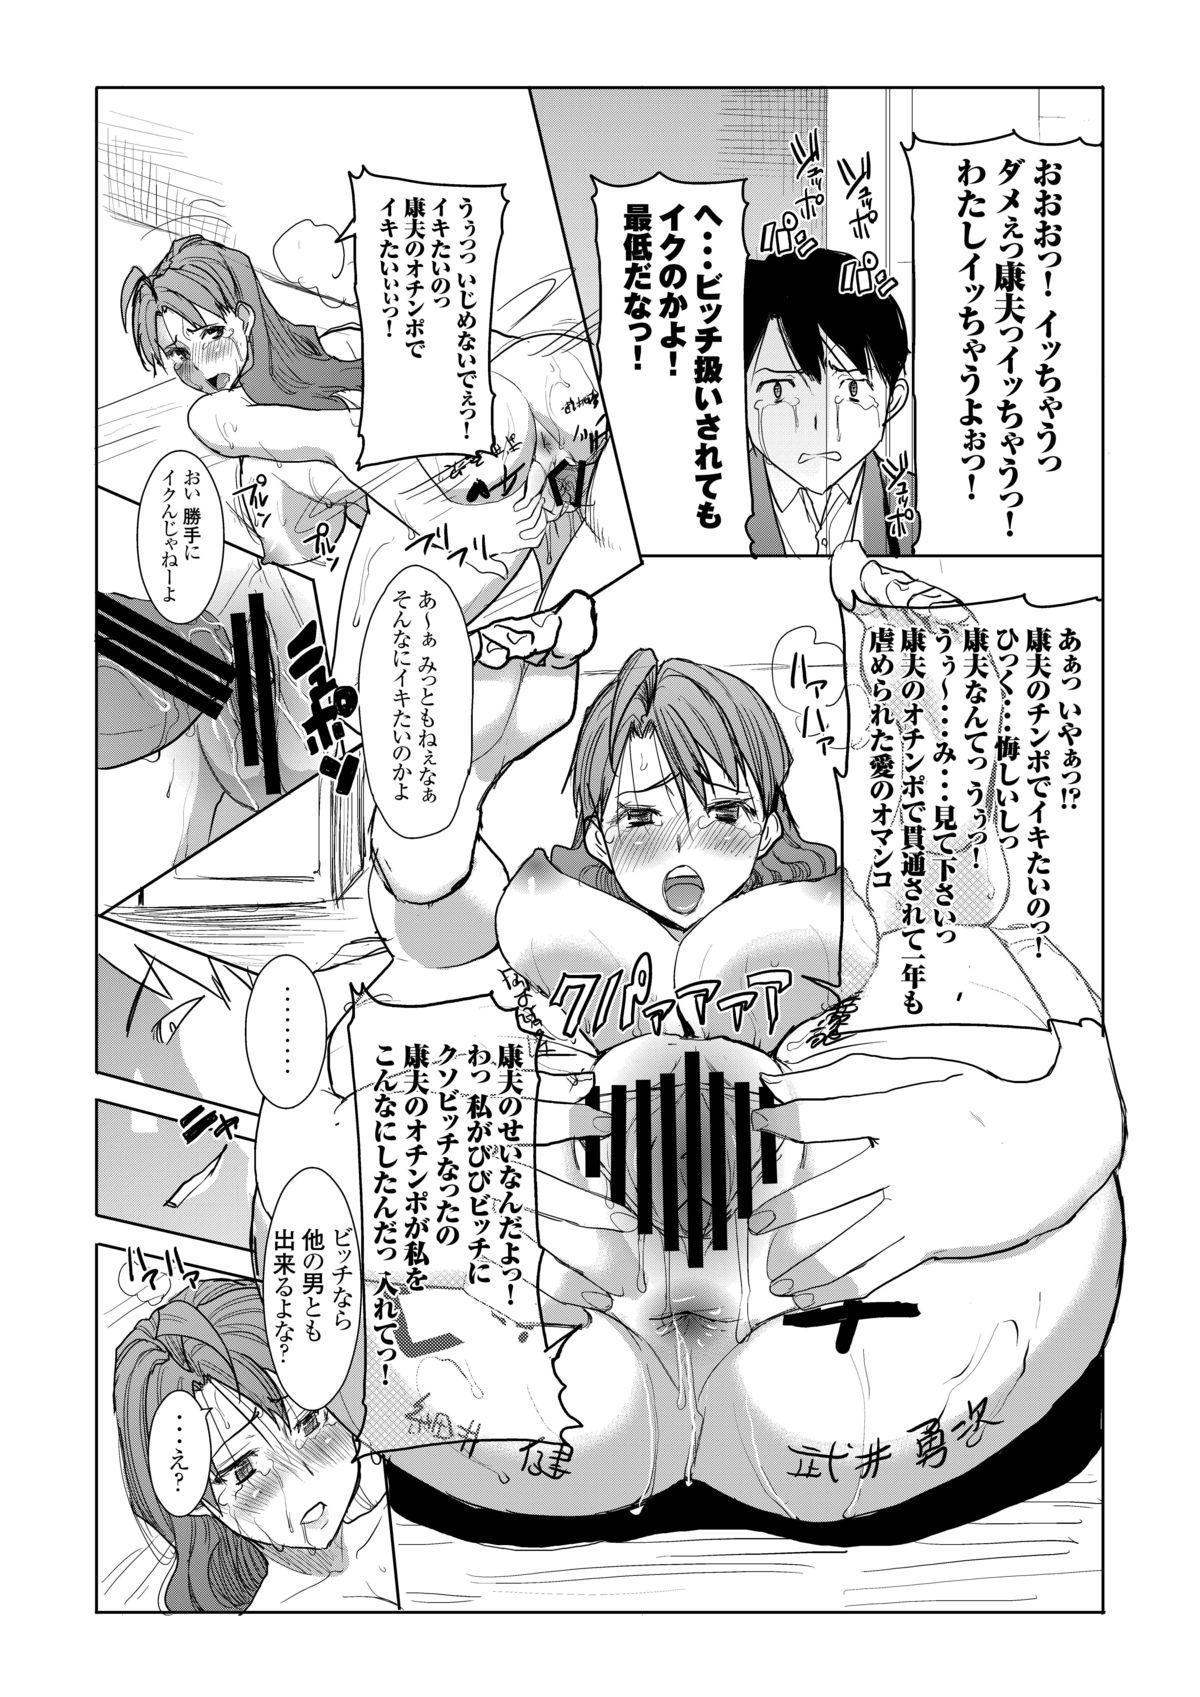 Unsweet Inoue Ai Watashi wa Dare wo Aishiteru no... Daisuki na Koibito... Soretomo Aitsu... act 1 15